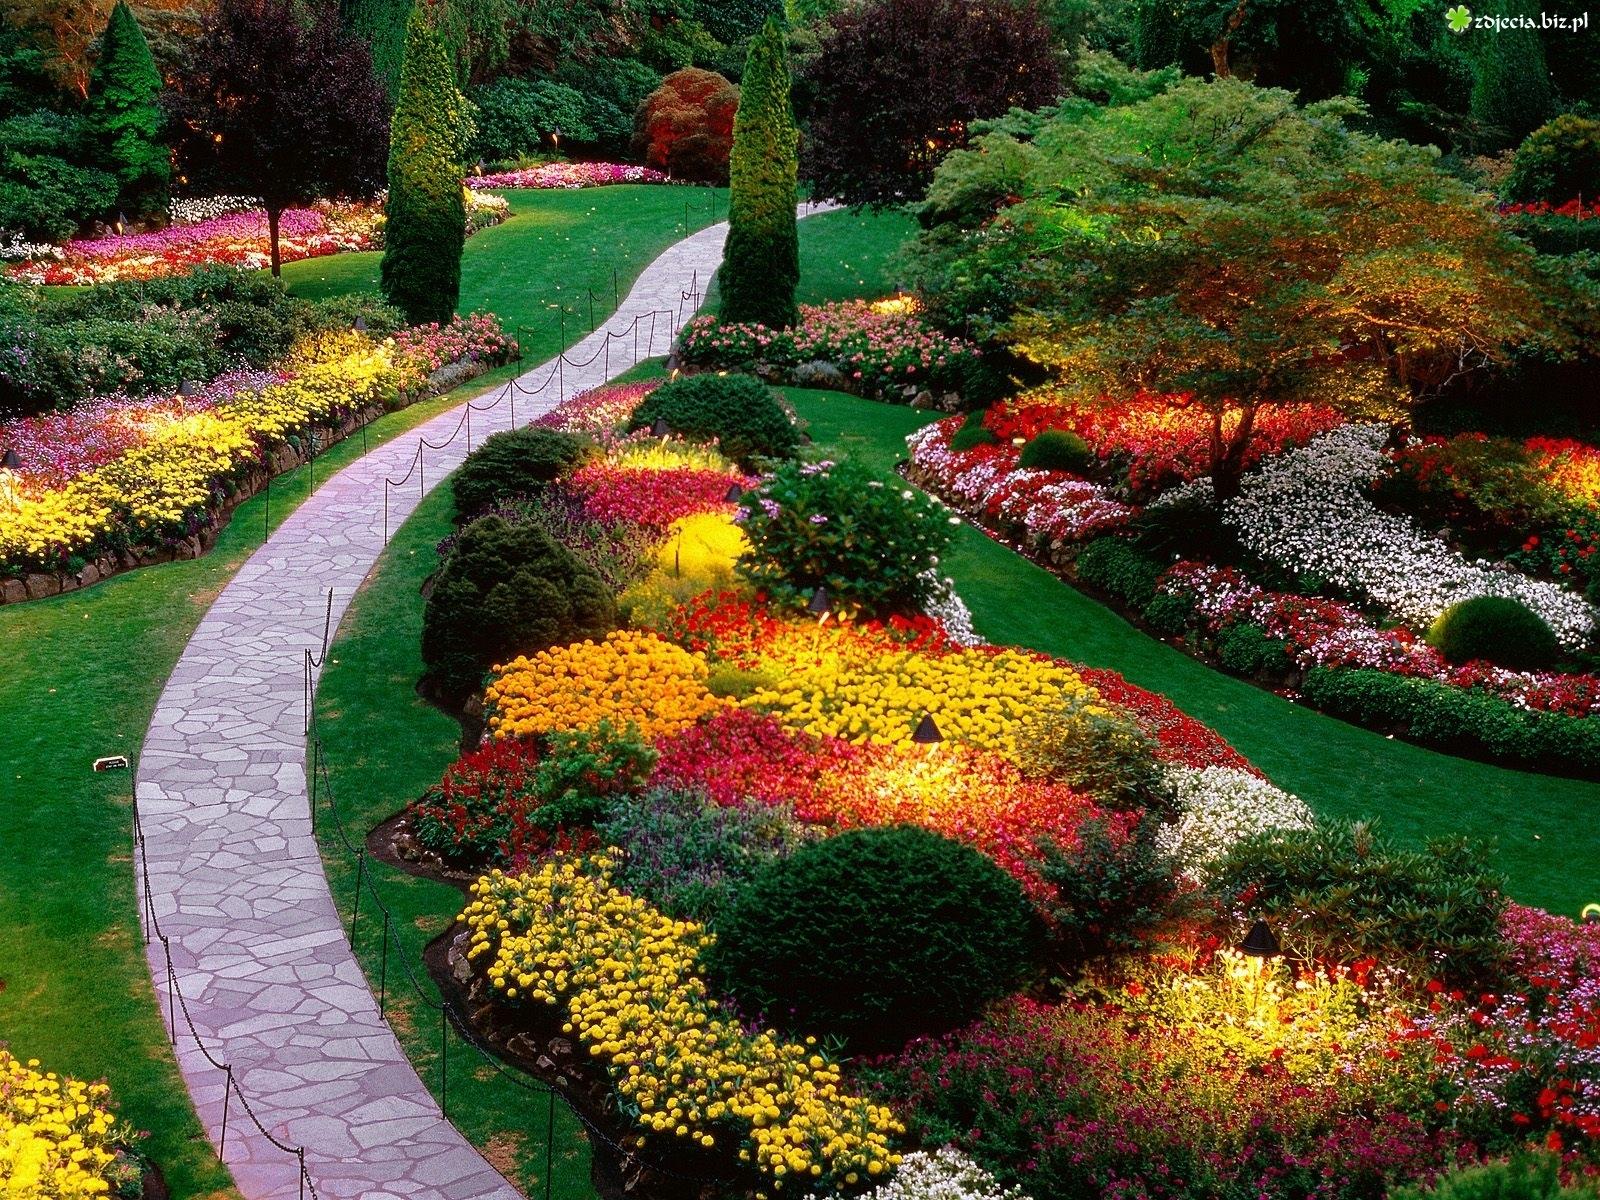 Zdjecie Ogrod Kolorowe Kwiaty